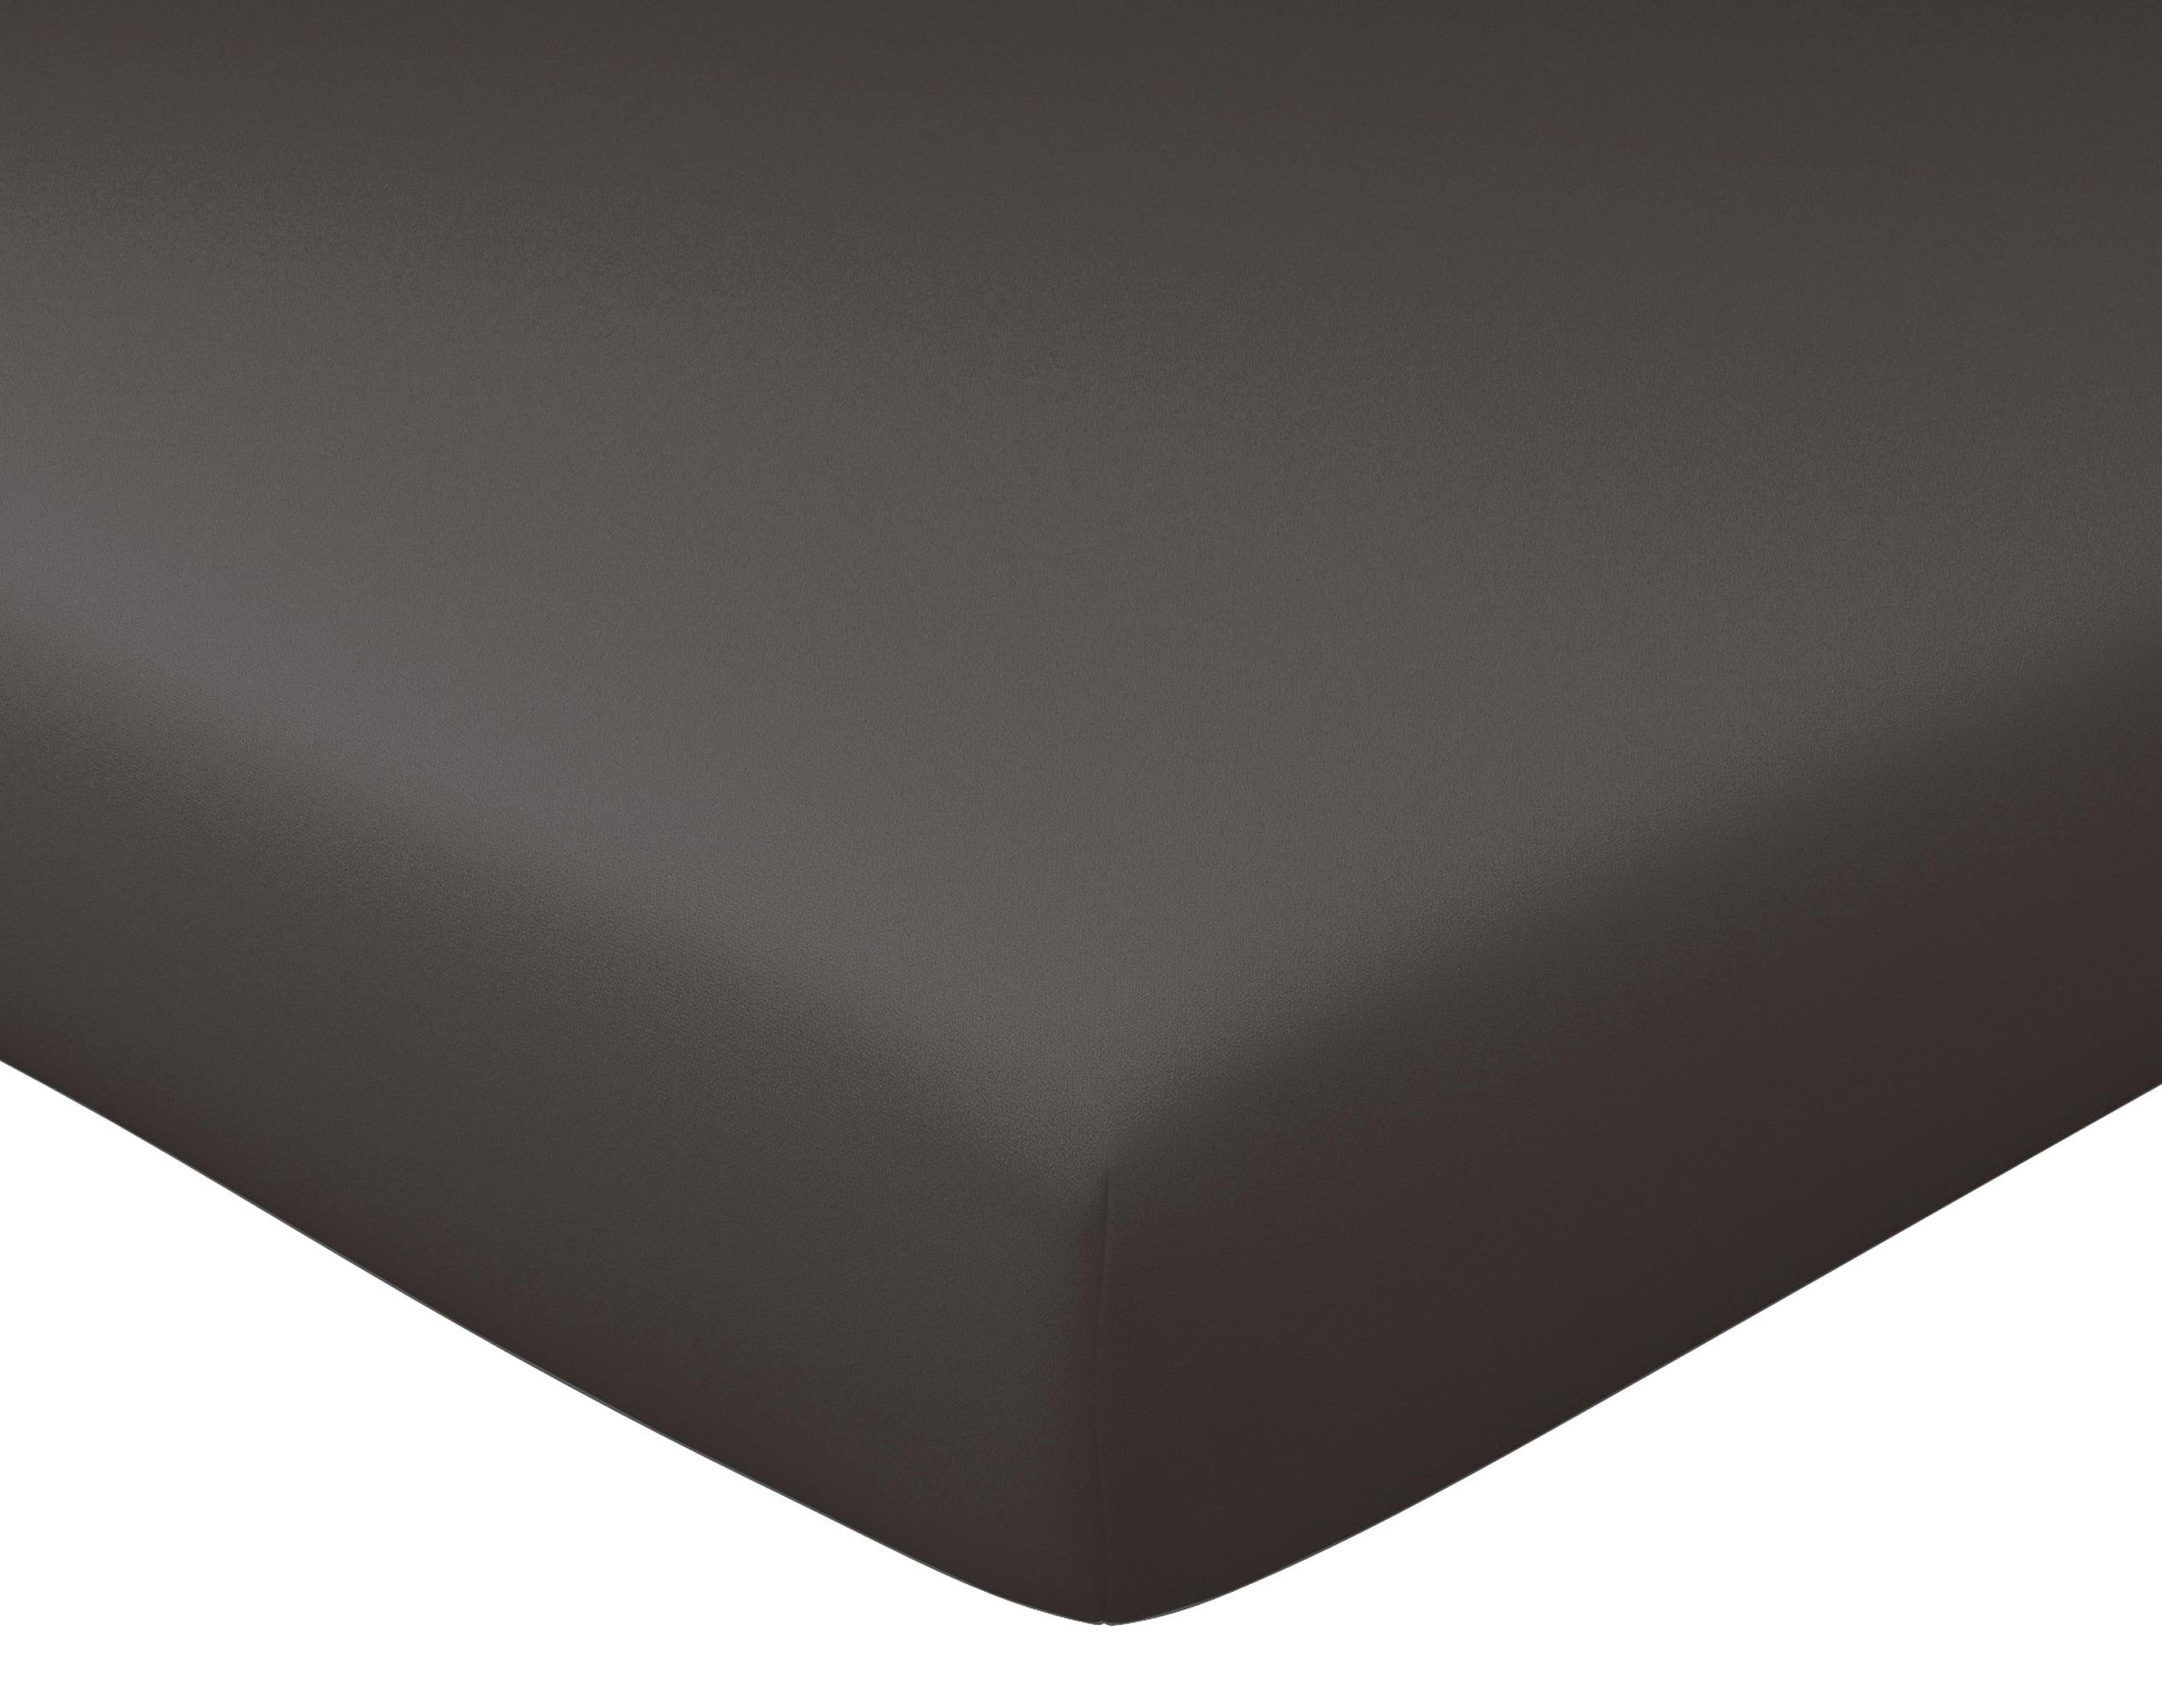 Drap-housse 90x190 en percale de coton gris souris